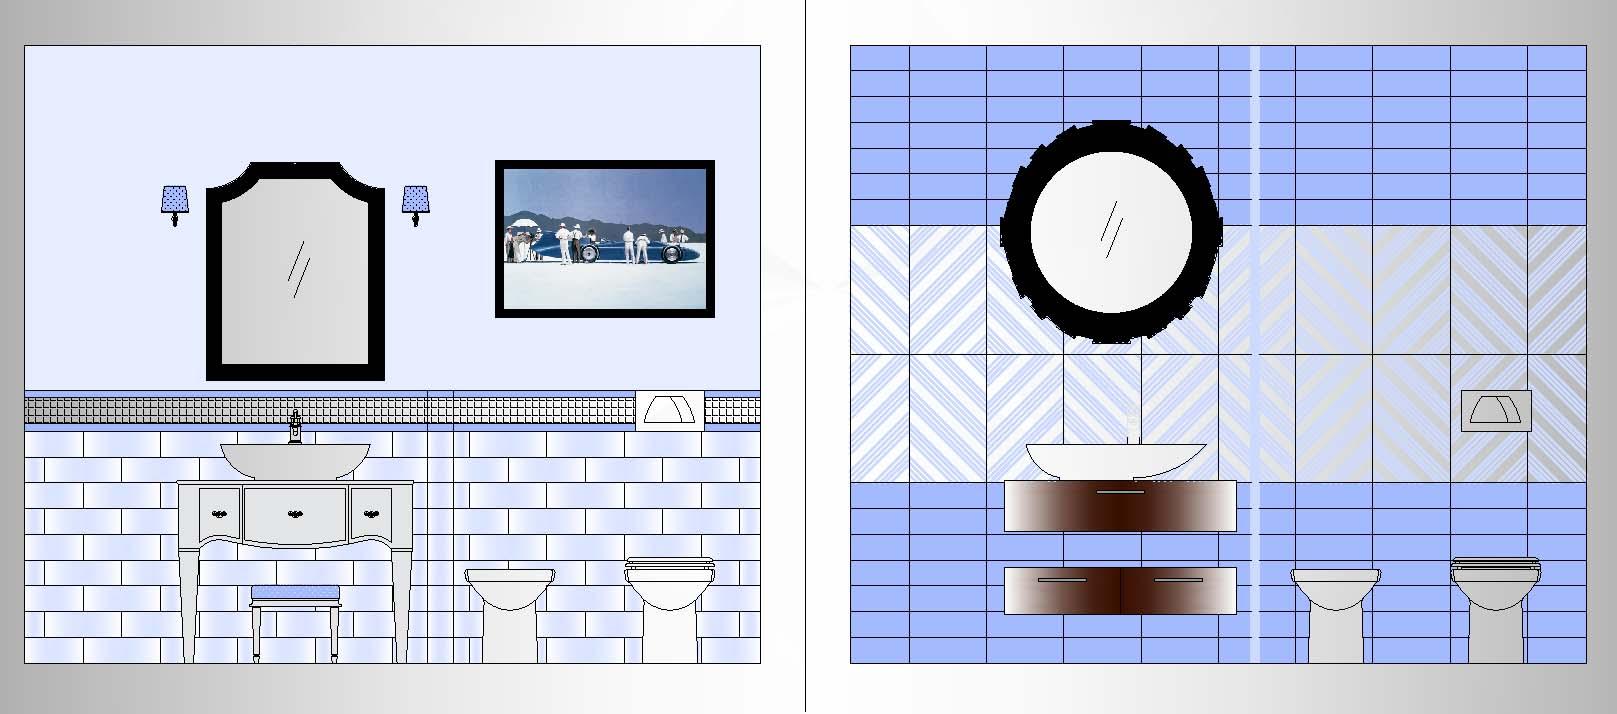 piastrelle bagno prezzi economici: piastrelle mosaico ceramico ... - Piastrelle Bagno Jolie